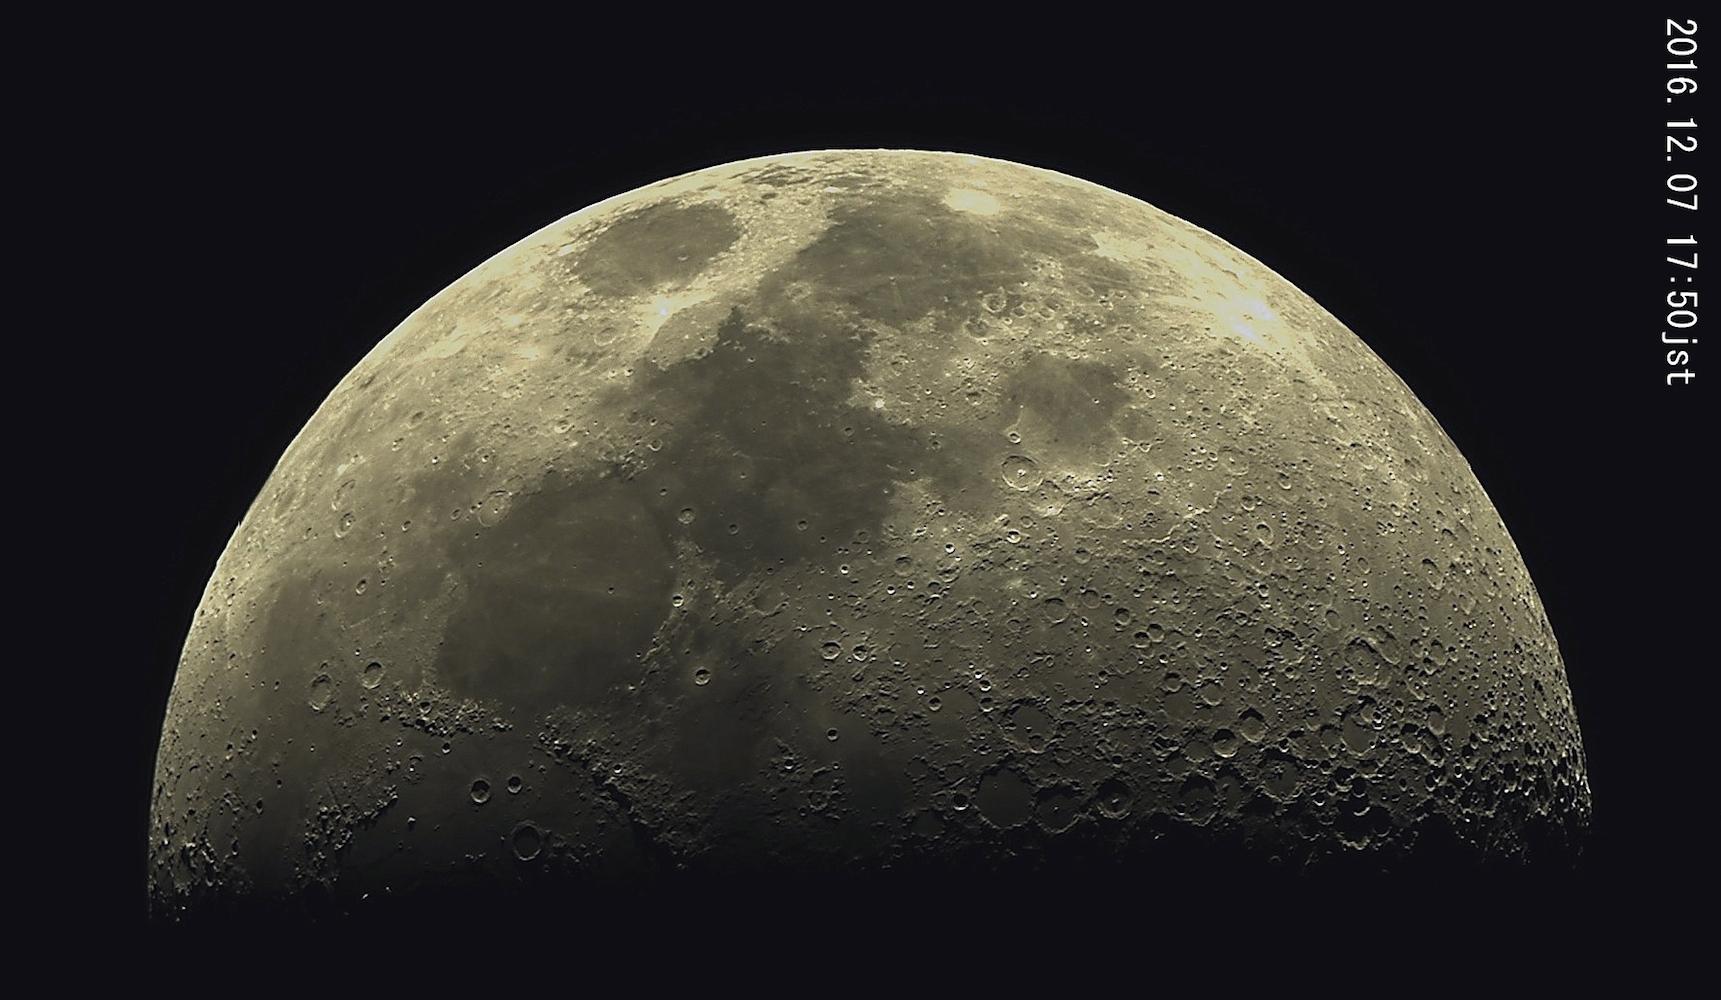 La Luna en fase Cuarto Creciente desde Ōtawara, Japón - El ...